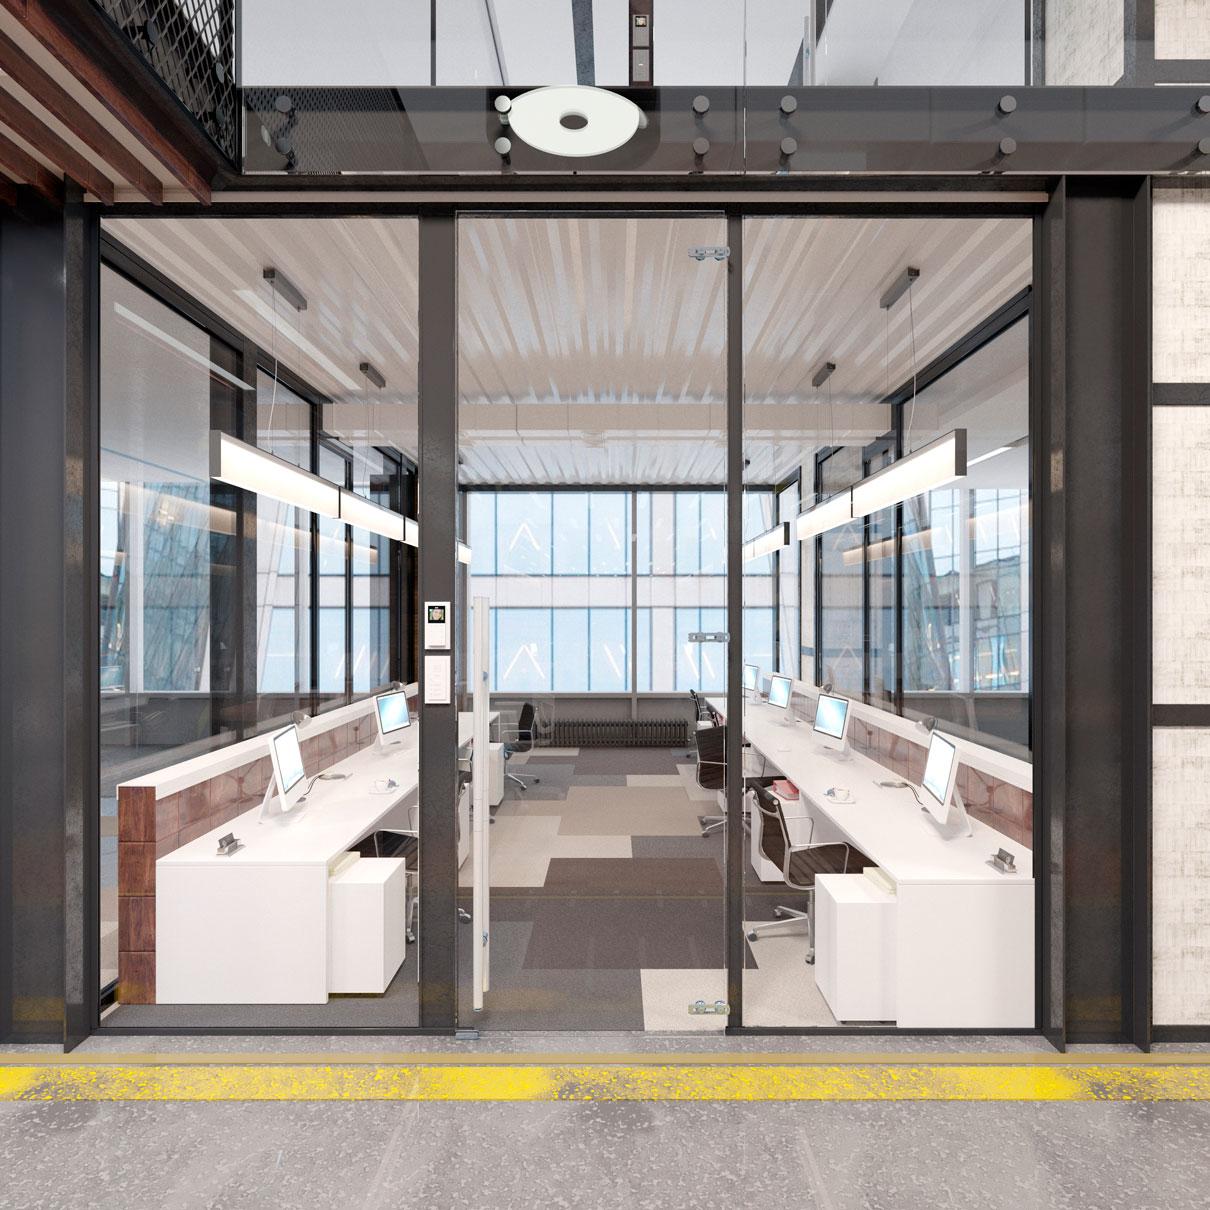 Capital Group изучила лучшие образцы мирового опыта в области строительства и функционирования шеринговых рабочих пространств, которые будут использоваться вместе с собственными идеями в развитии сети Business Club, рассказали «РБК-Недвижимости» в пресс-службе девелопера